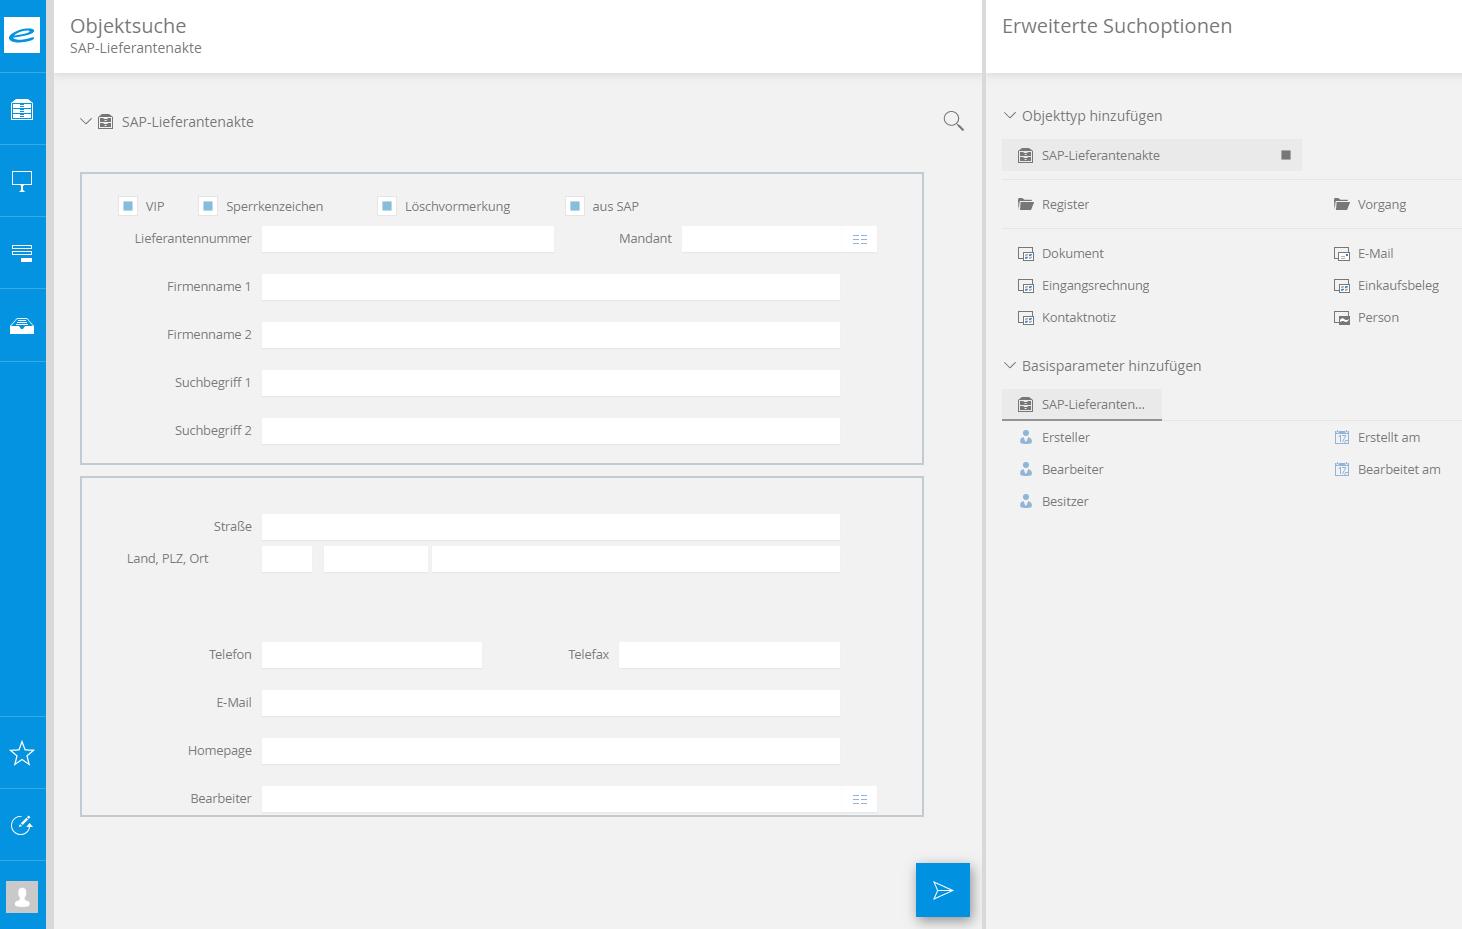 Screenshot der Objektsuche in Bereich enaio® SAP-Lieferantenakte